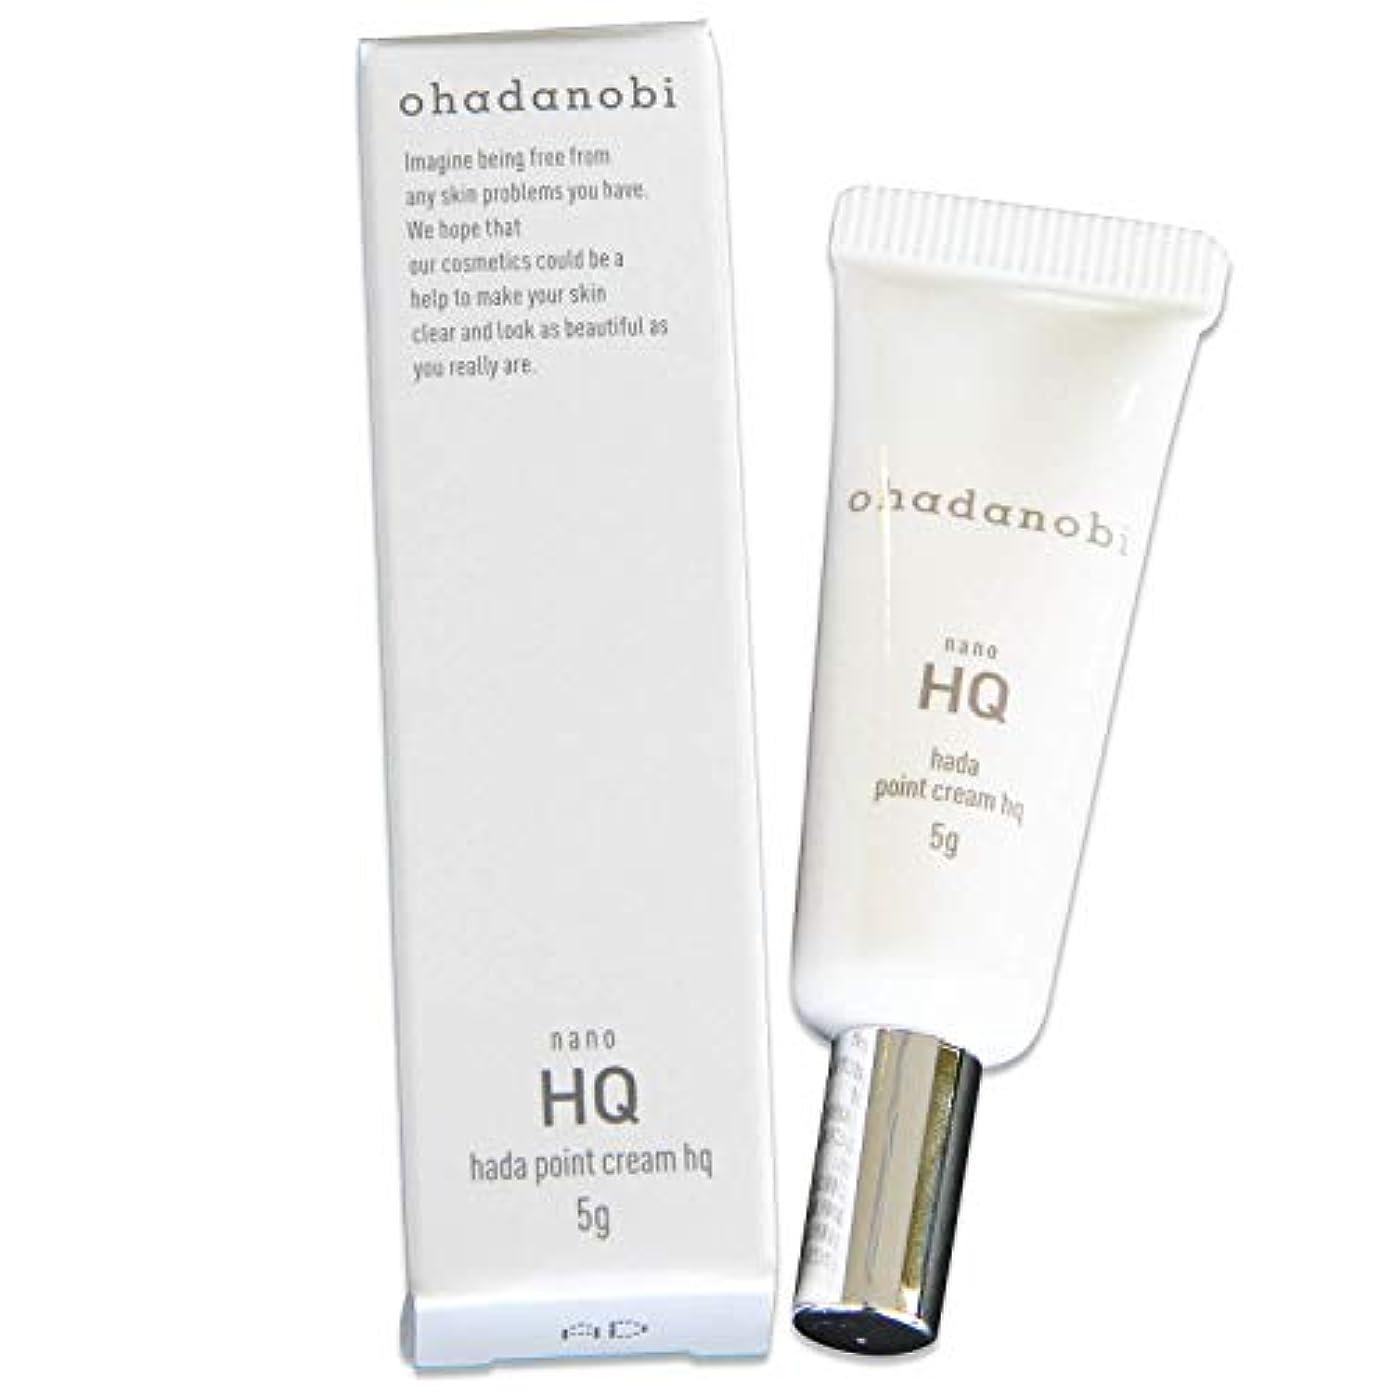 地上の高さ腹痛純 ハイドロキノン 4% 配合 日本製 ハダポイントクリームHQ オハダノビ